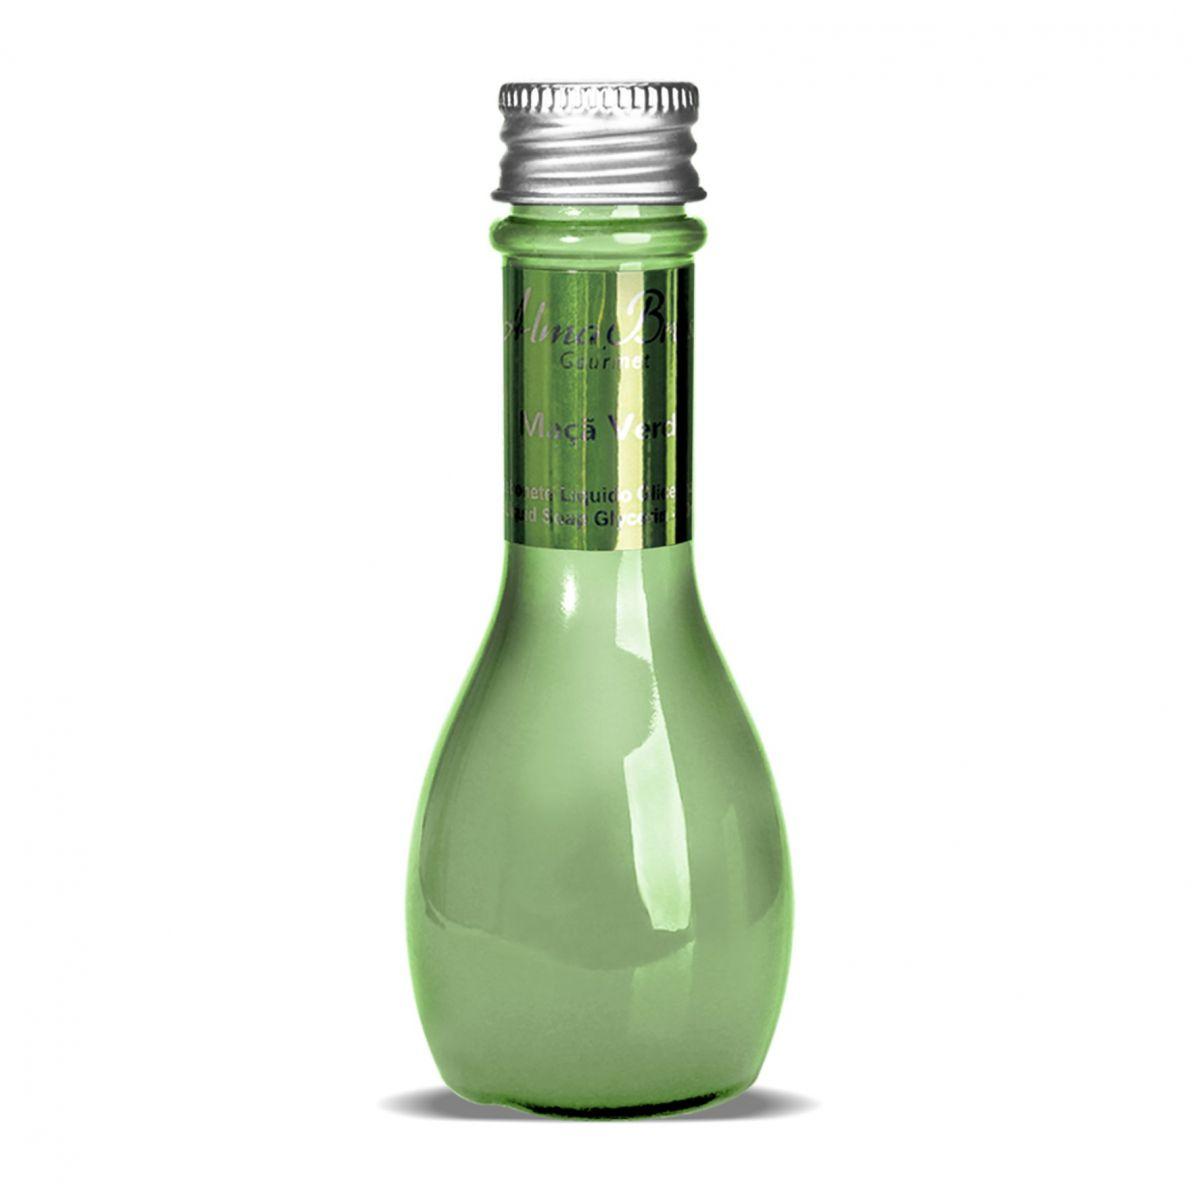 Sabonete Líquido Glicerinado Gourmet Maca Verde 60ml  - Alma Brasil Cosméticos